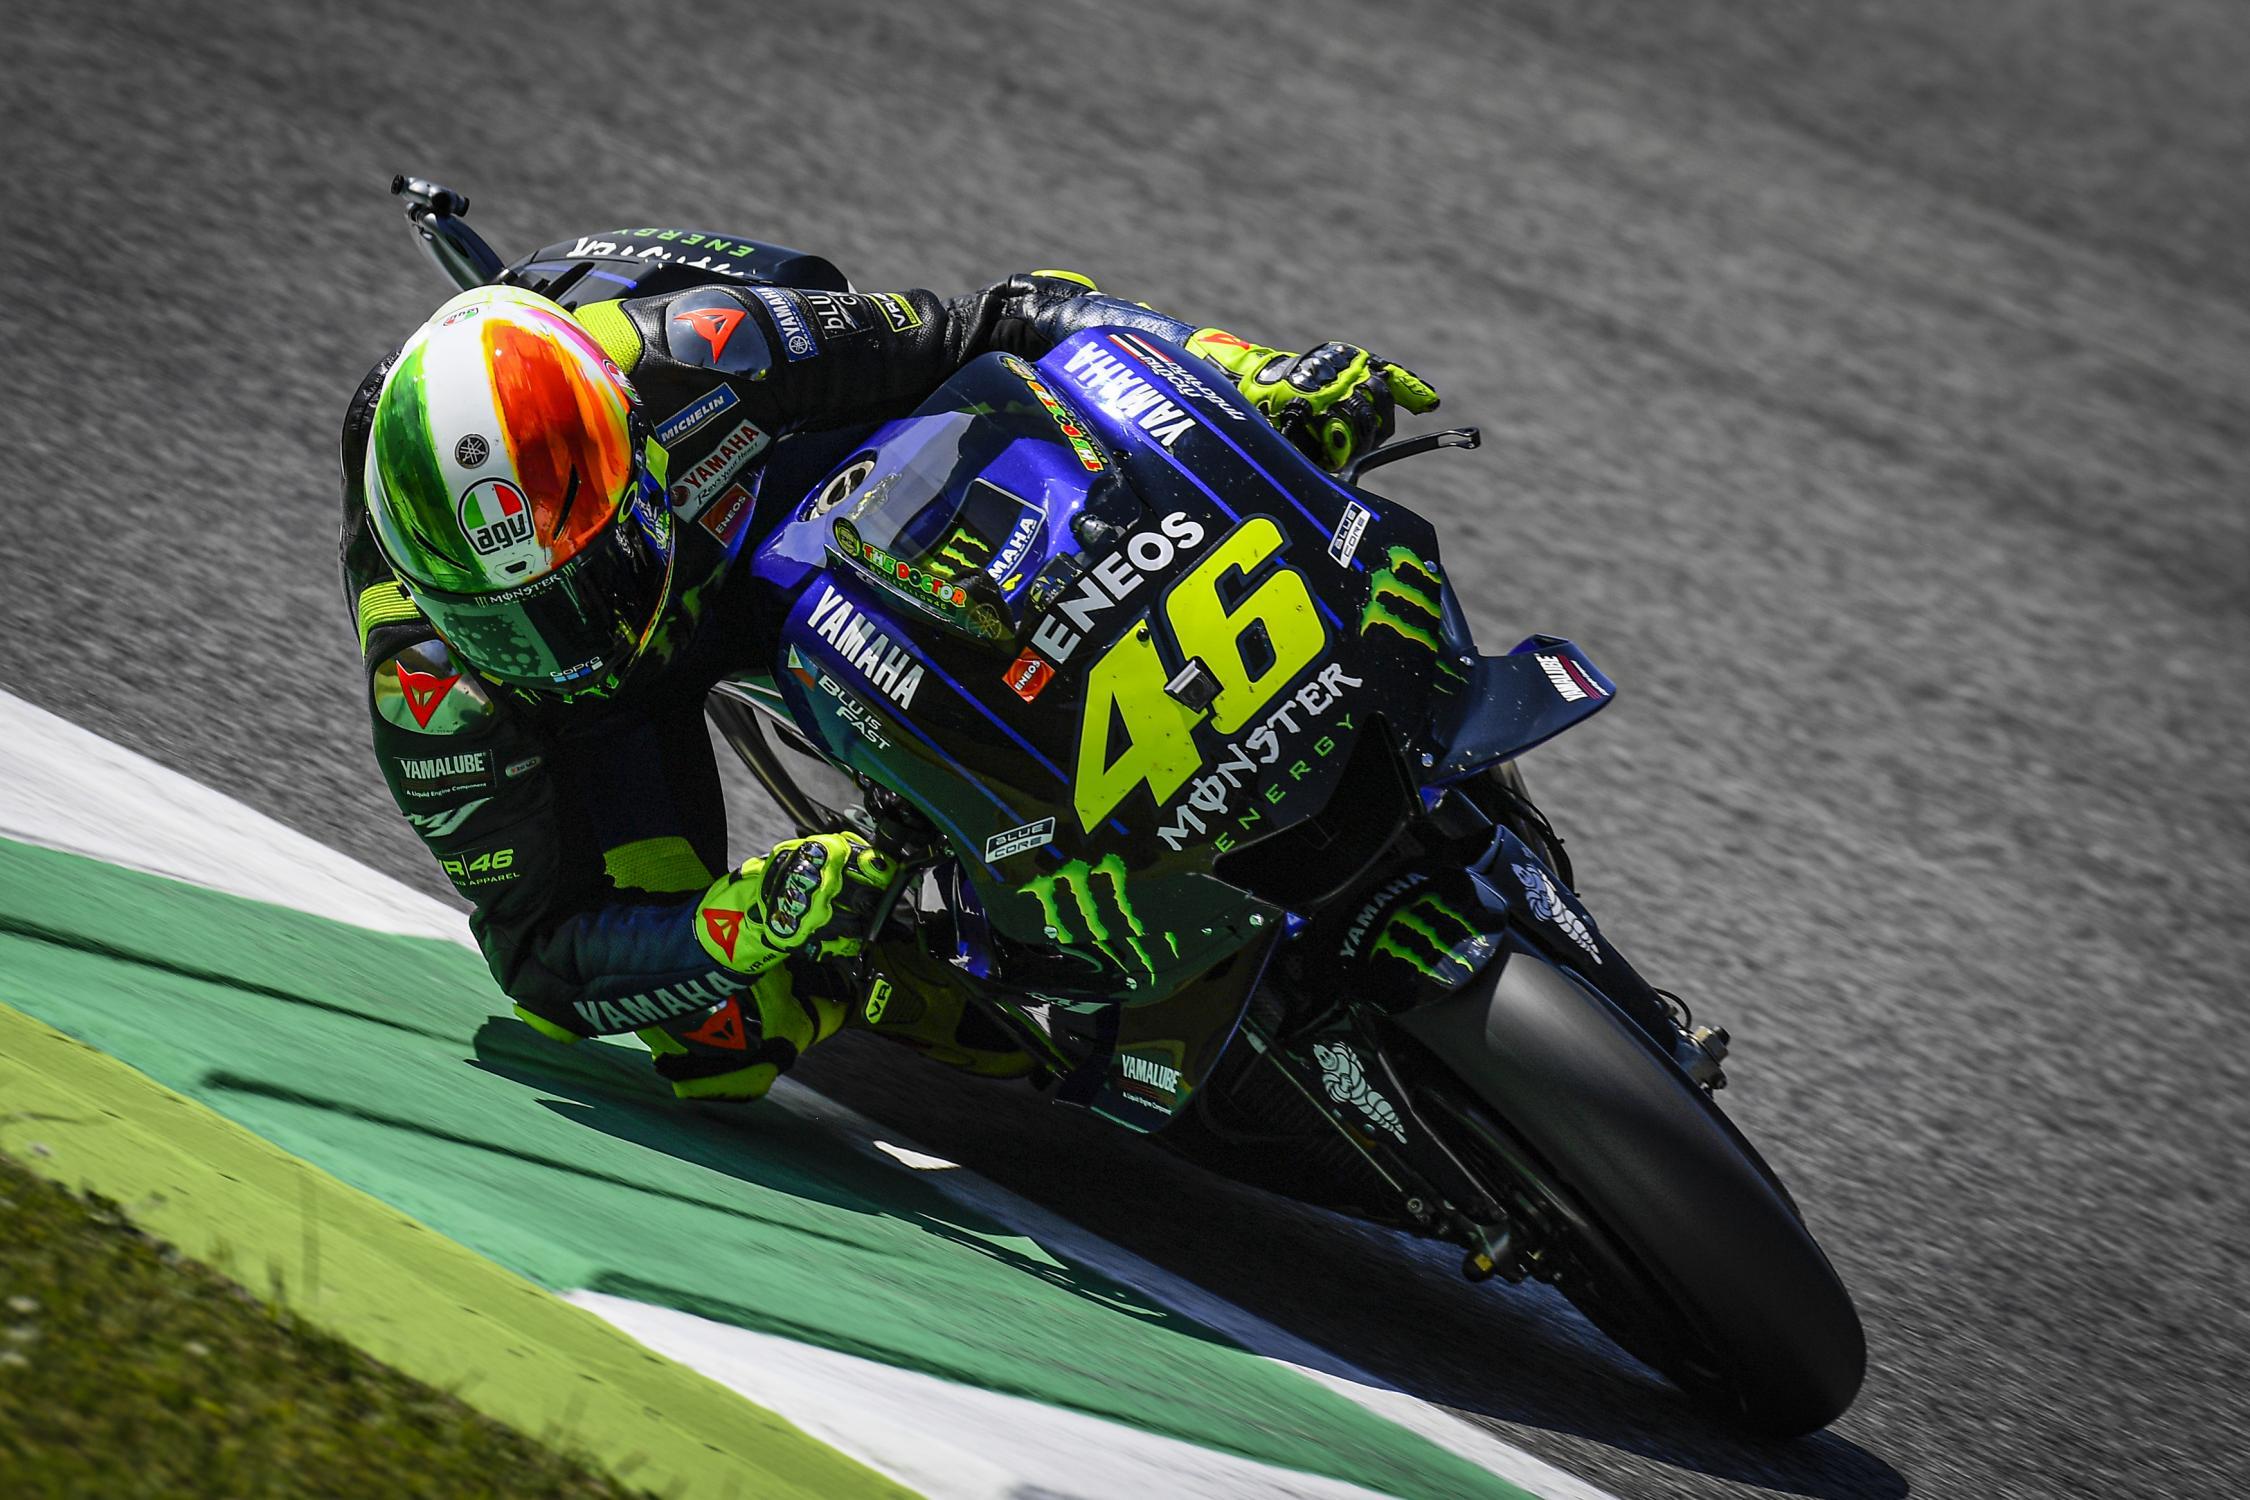 Rossi Mugello GP 2019